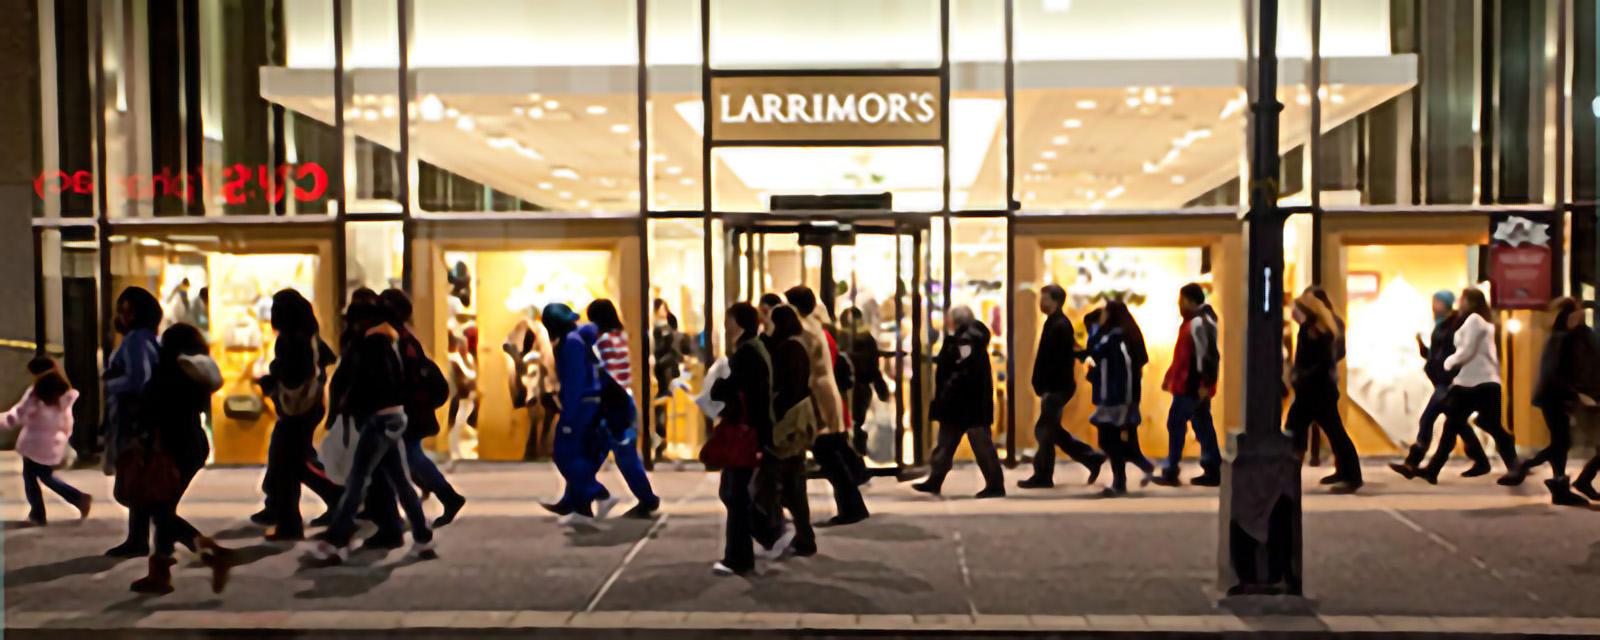 Larrimors store-front enl.jpg